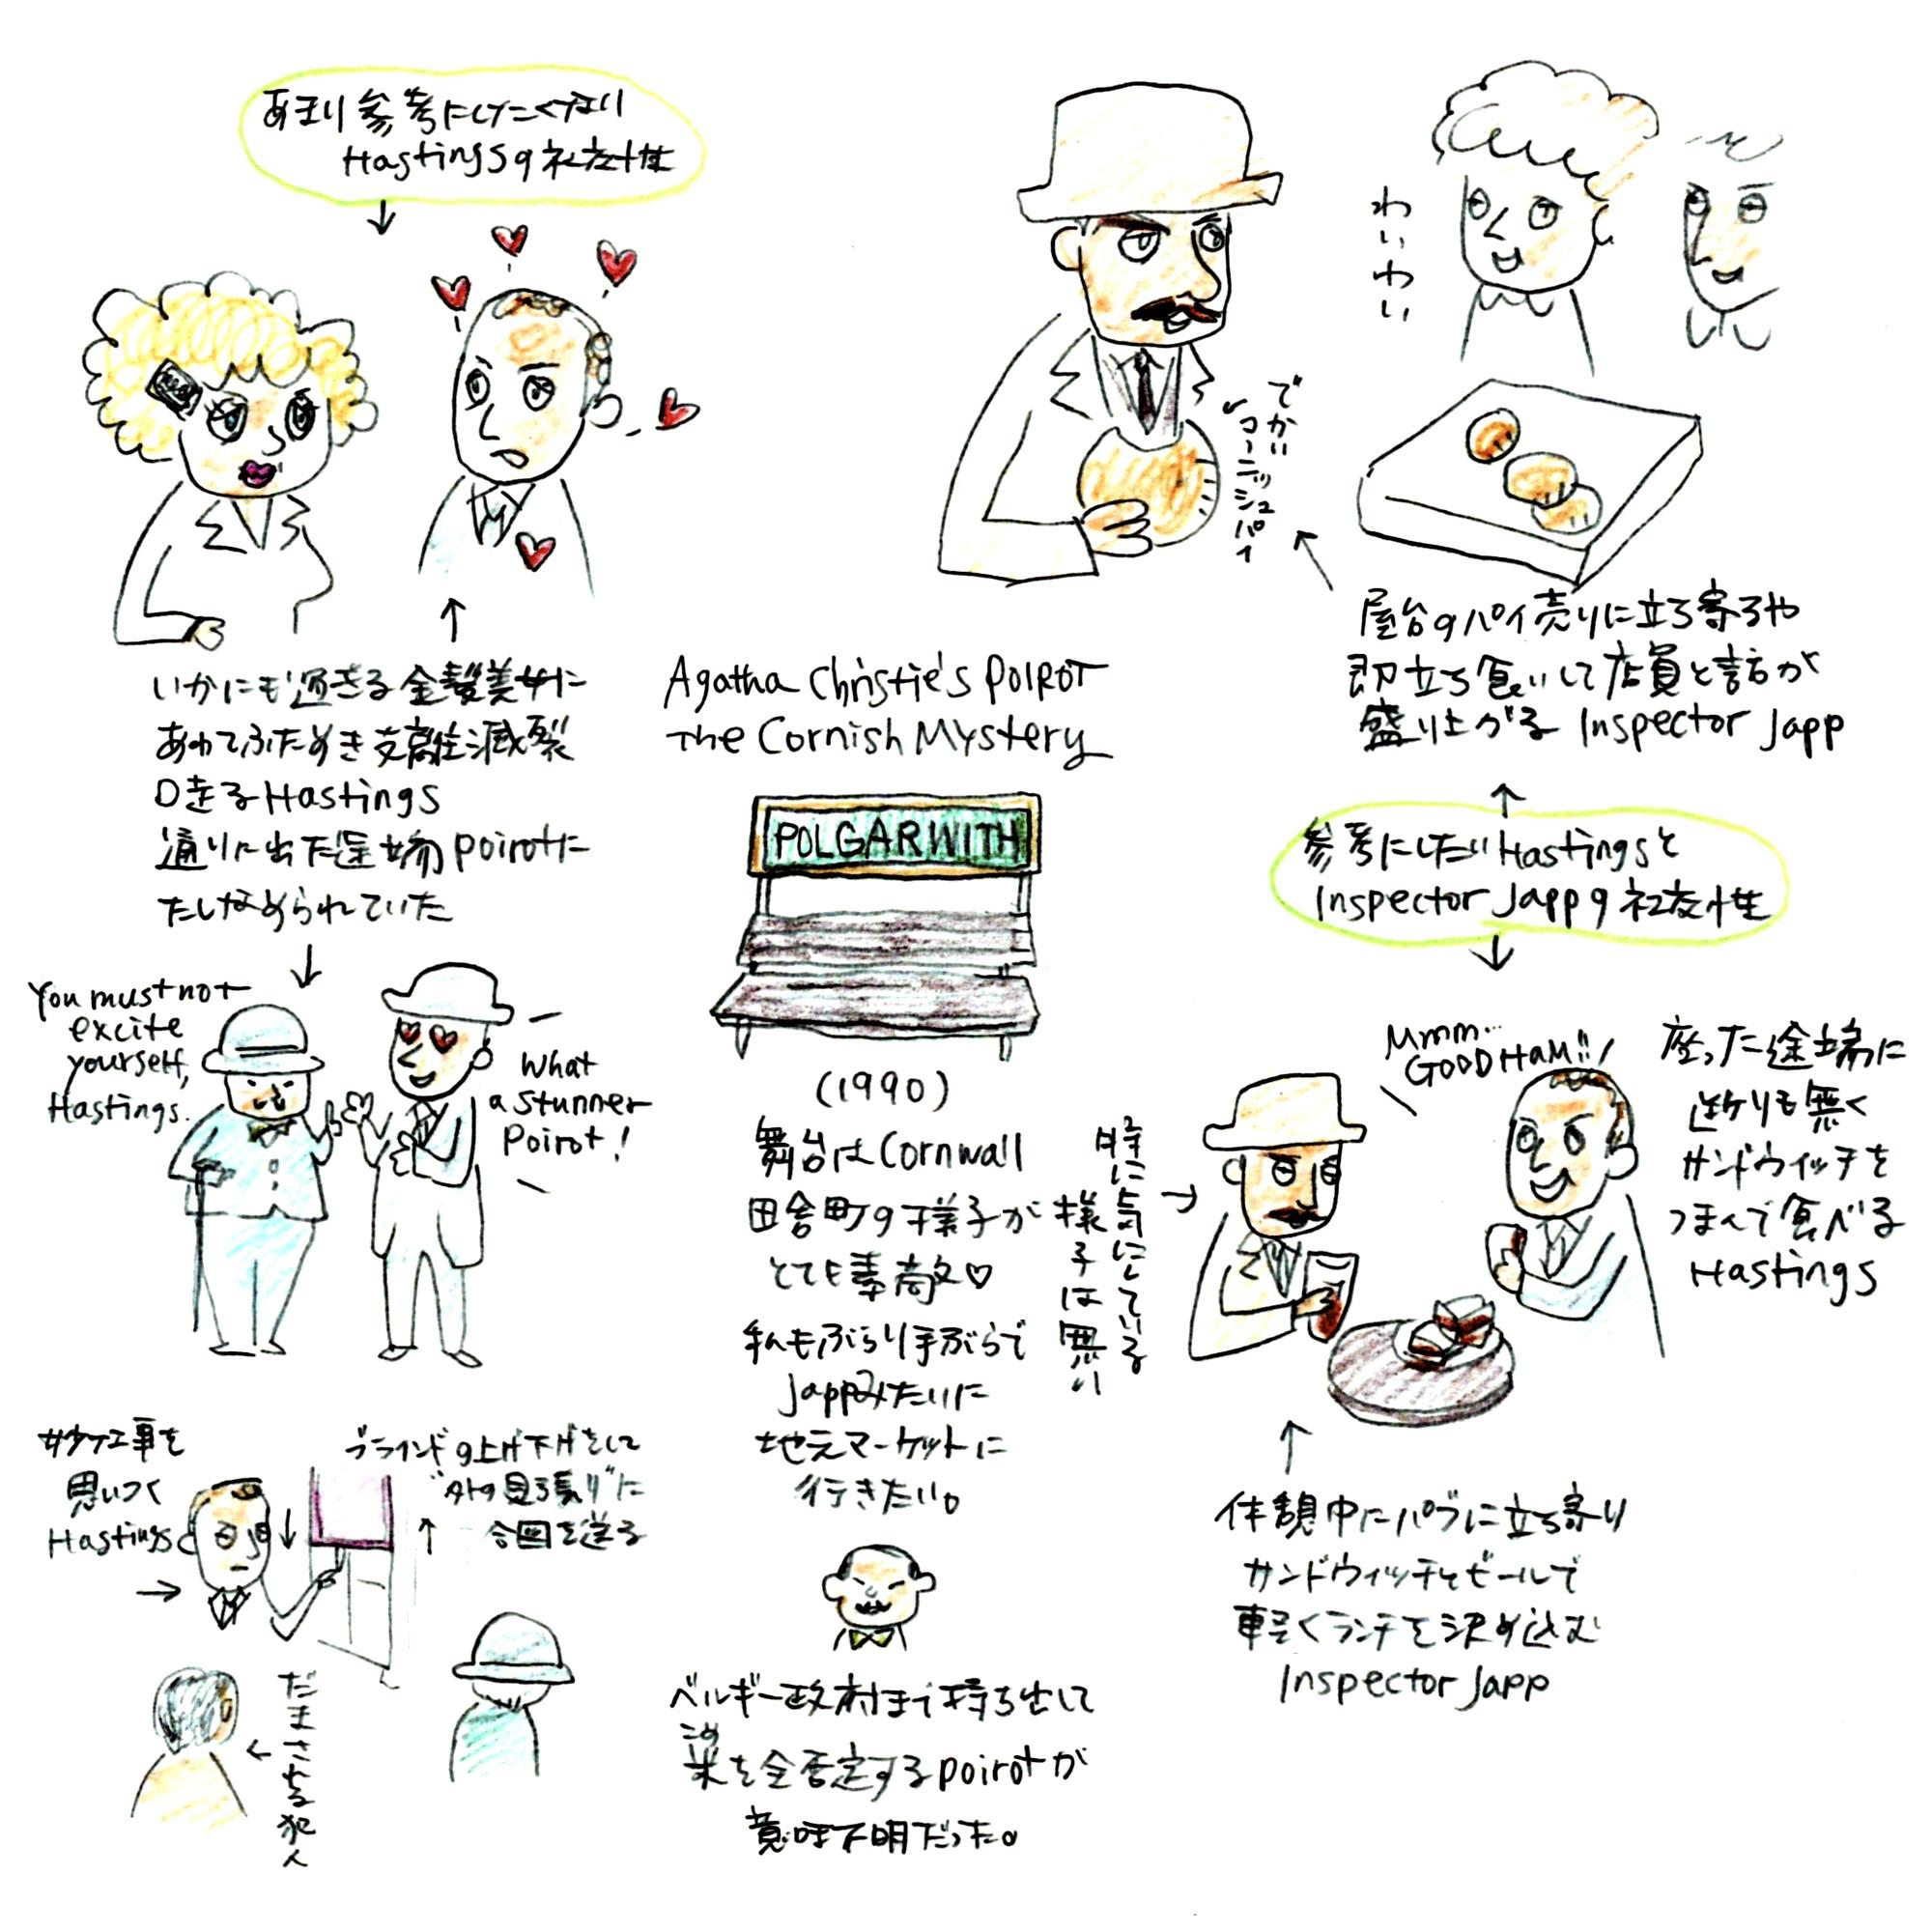 f:id:yukiyo_m:20201230154345j:plain